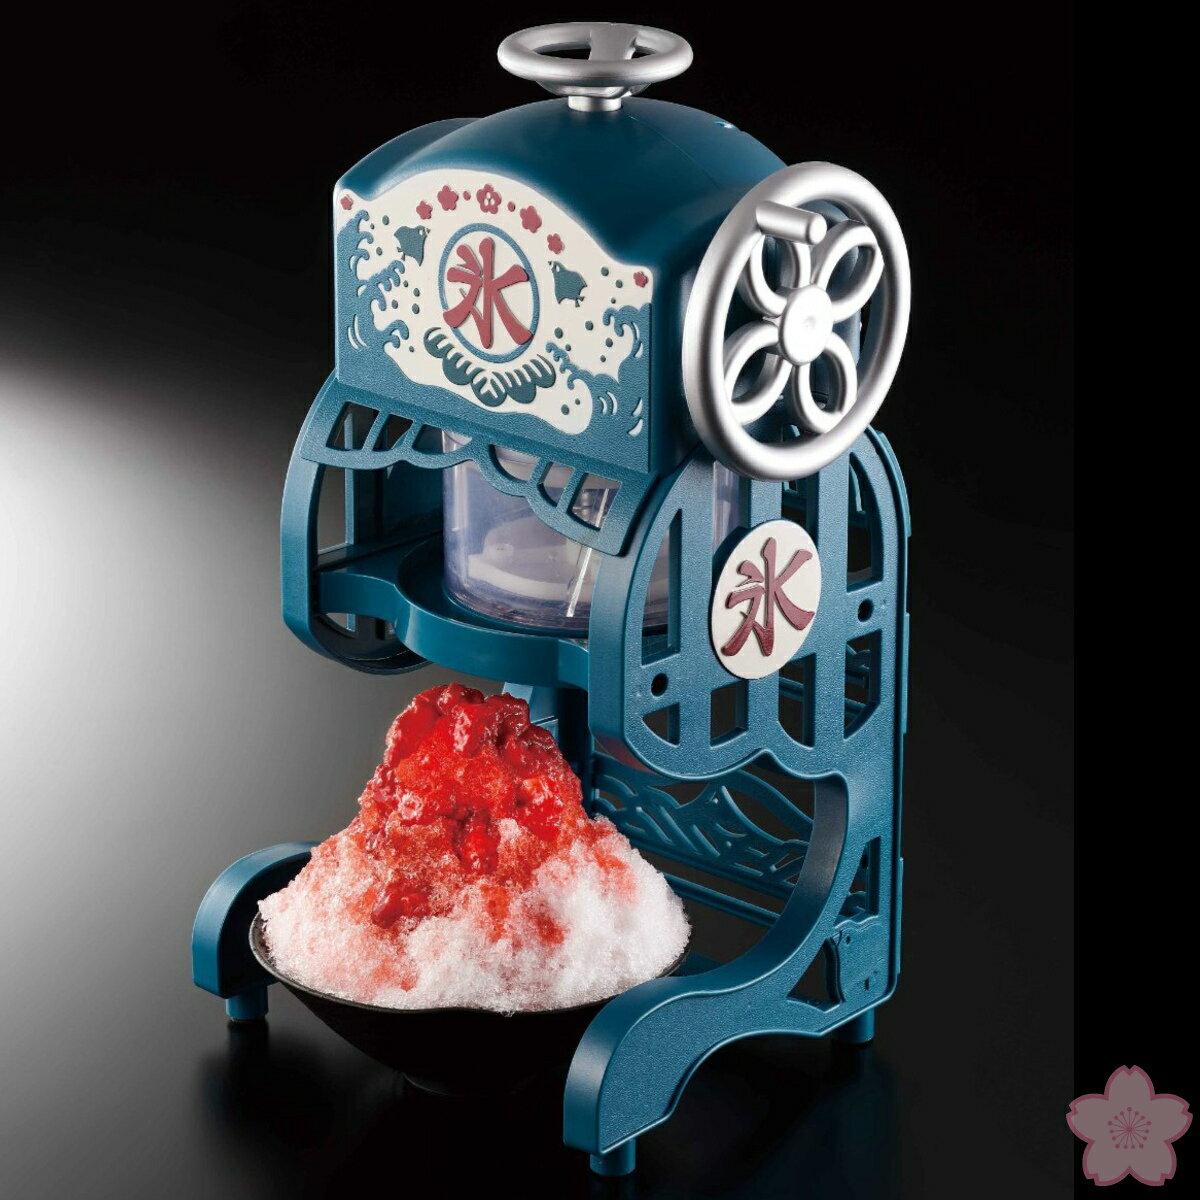 【あす楽】電動本格ふわふわ氷かき器 | DCSP-20 | 家庭用 | 製氷カップ2個付属 | ドウシシャ あんしん1年保証